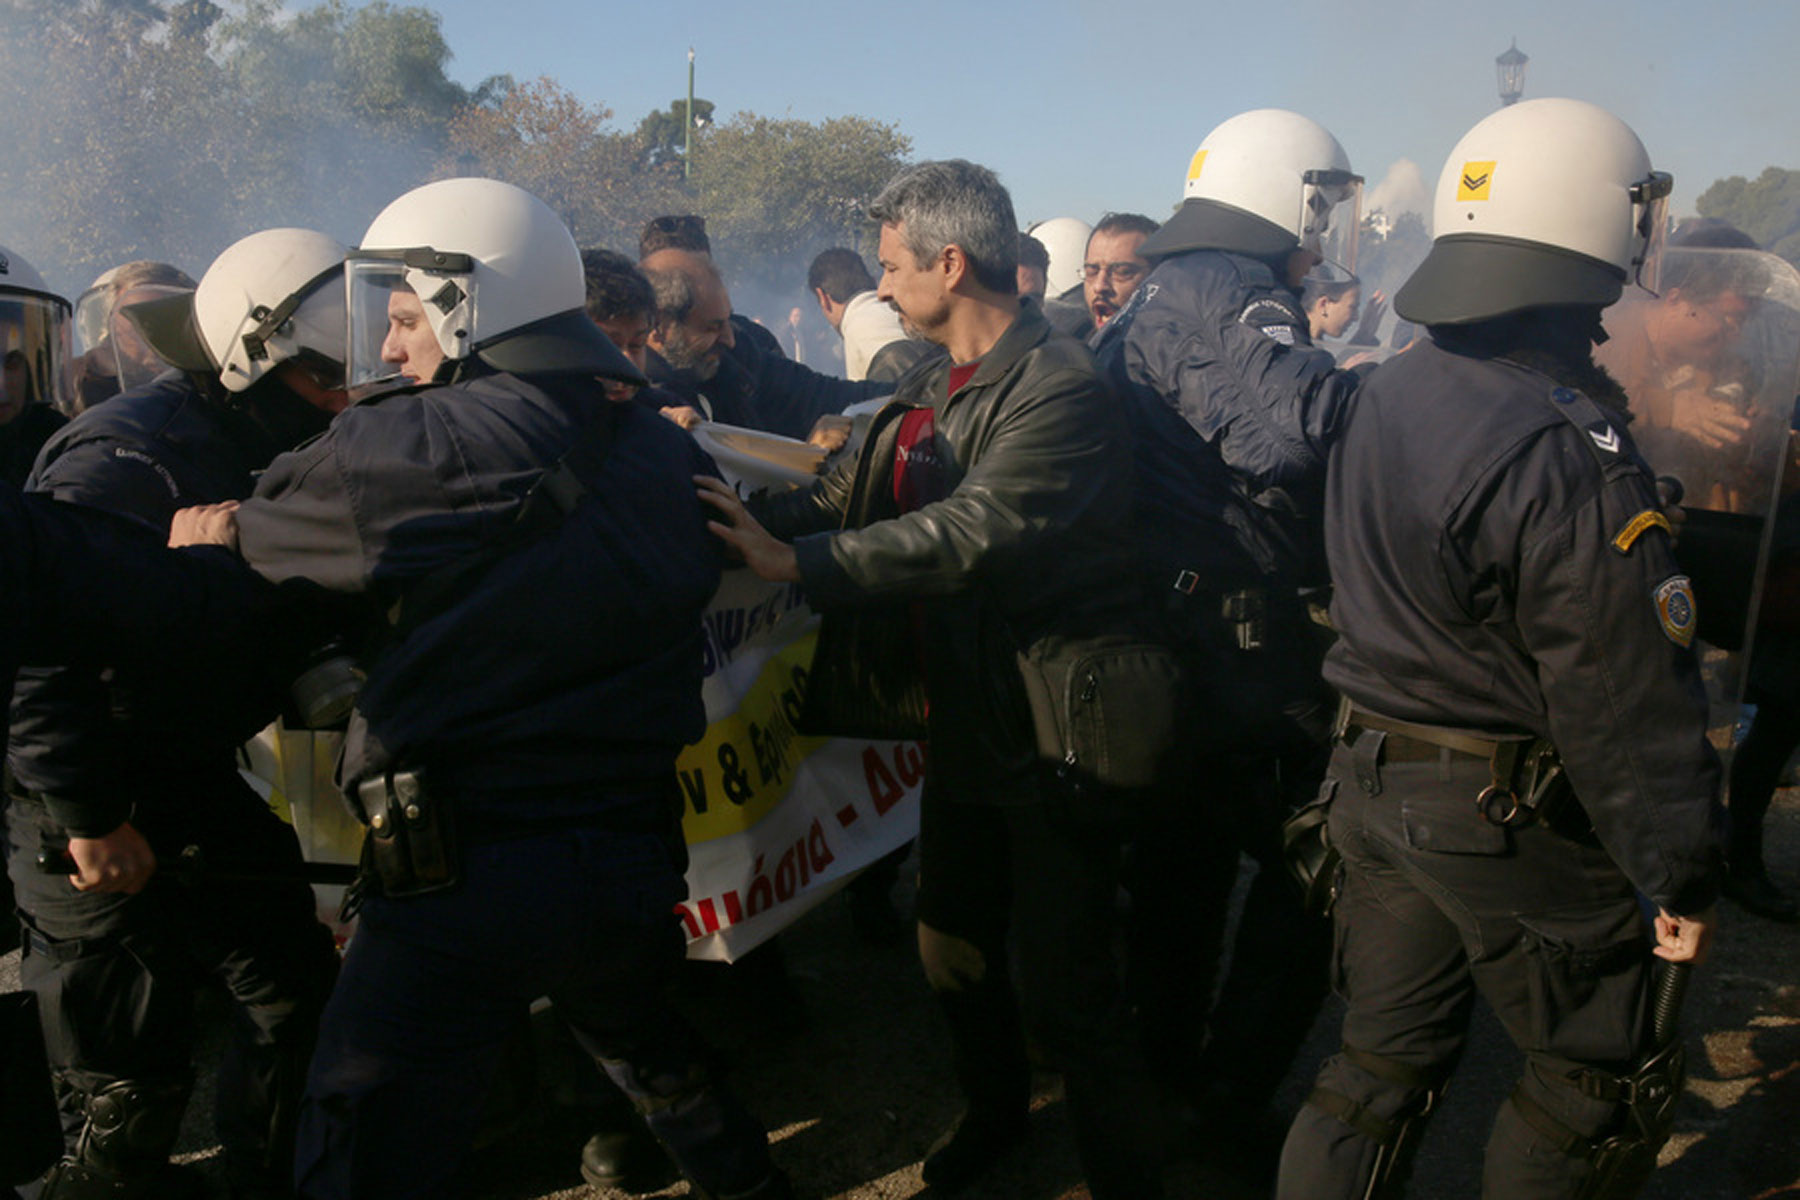 Τι λέει ο ΠΙΣ για τα επεισόδια στο Ζάππειο: «Δημοκράτες» νοσοκομειακοί γιατροί μας φίμωσαν - Φωτογραφία 9